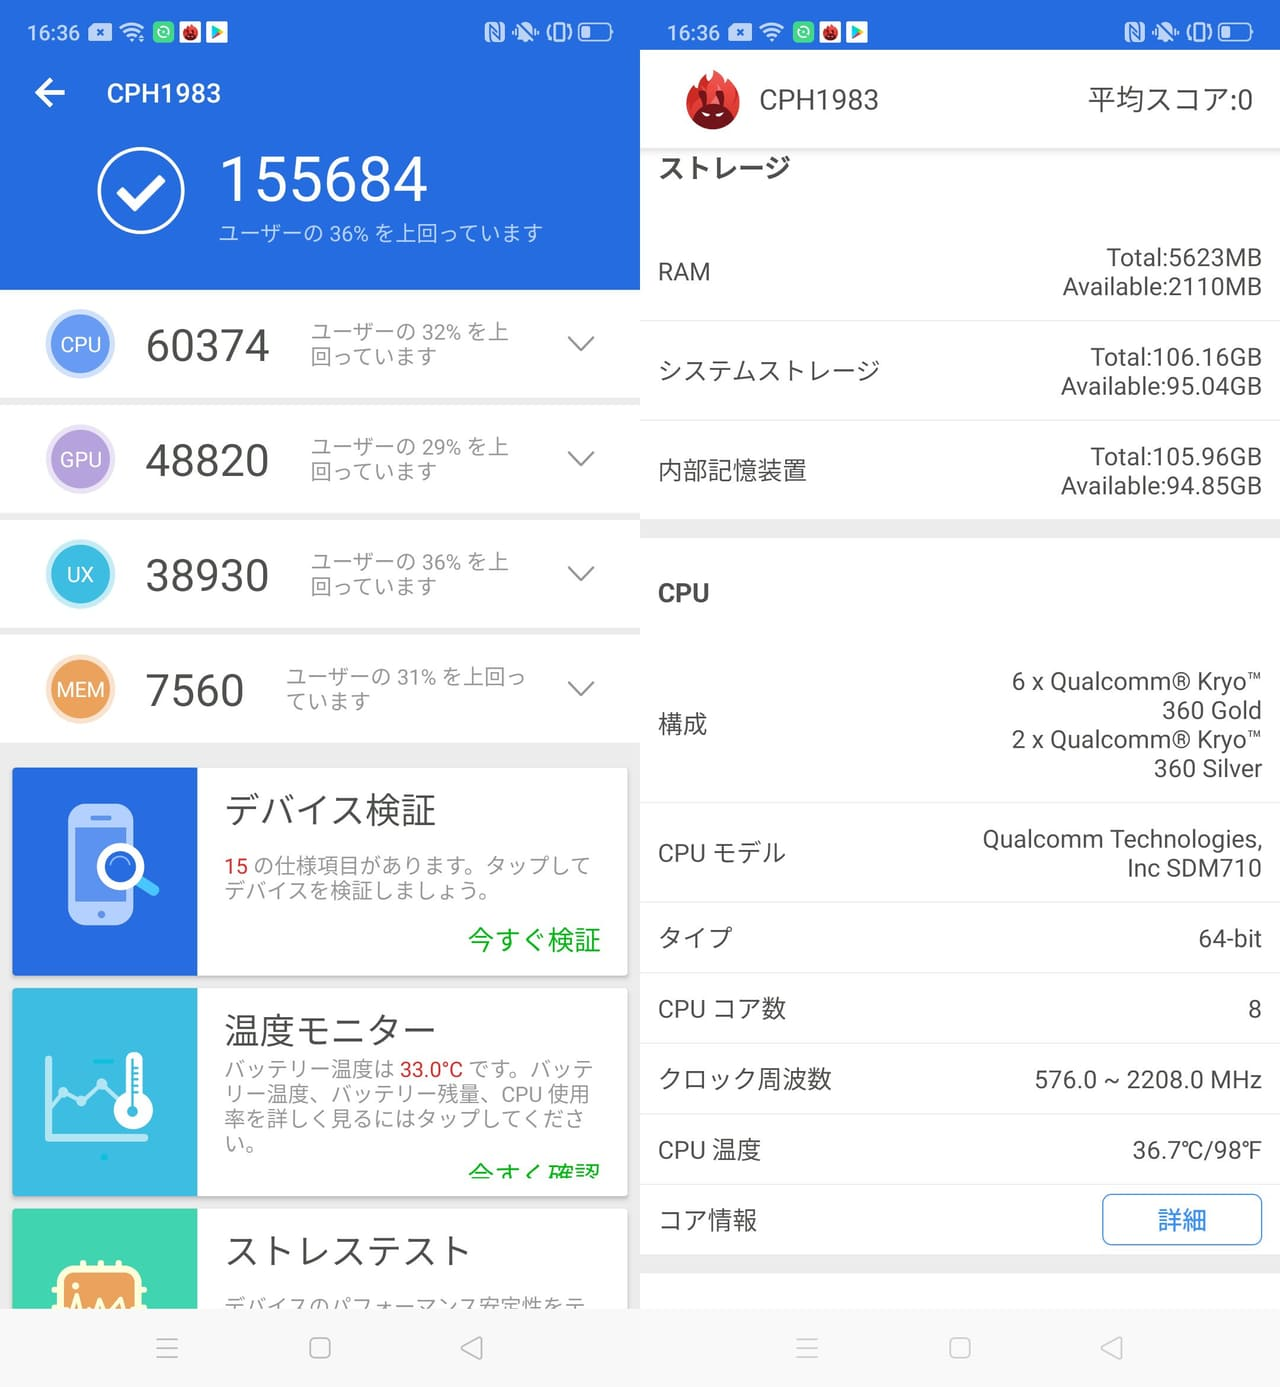 OPPO reno A(Android 9)実機AnTuTuベンチマークスコアは総合が155684点、3D性能が48820点。